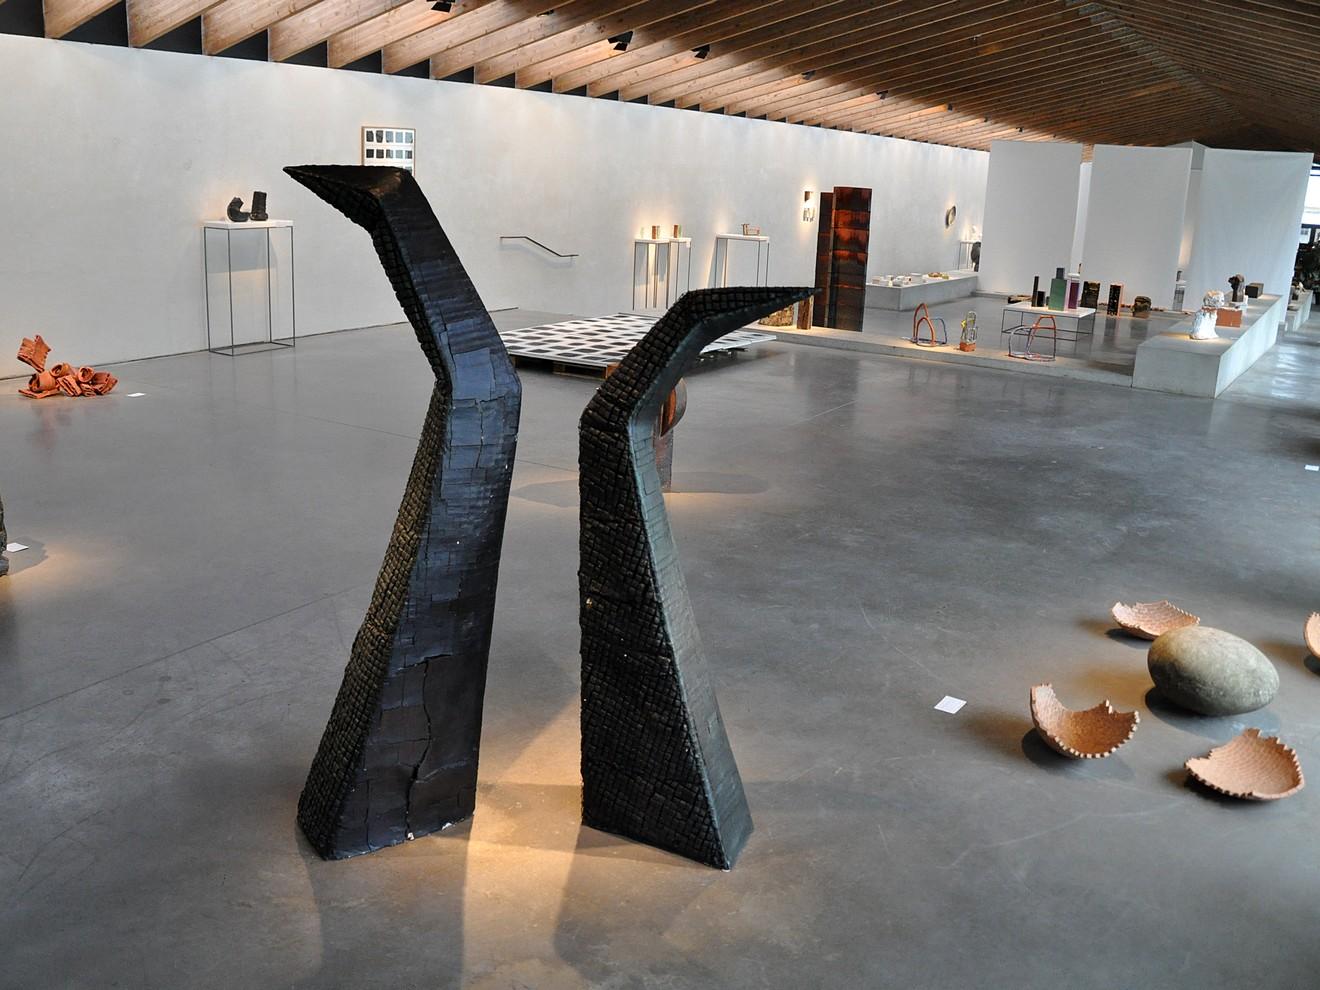 exposition-de-briques-(c)-centre-ceramique-la-borne 1320X990